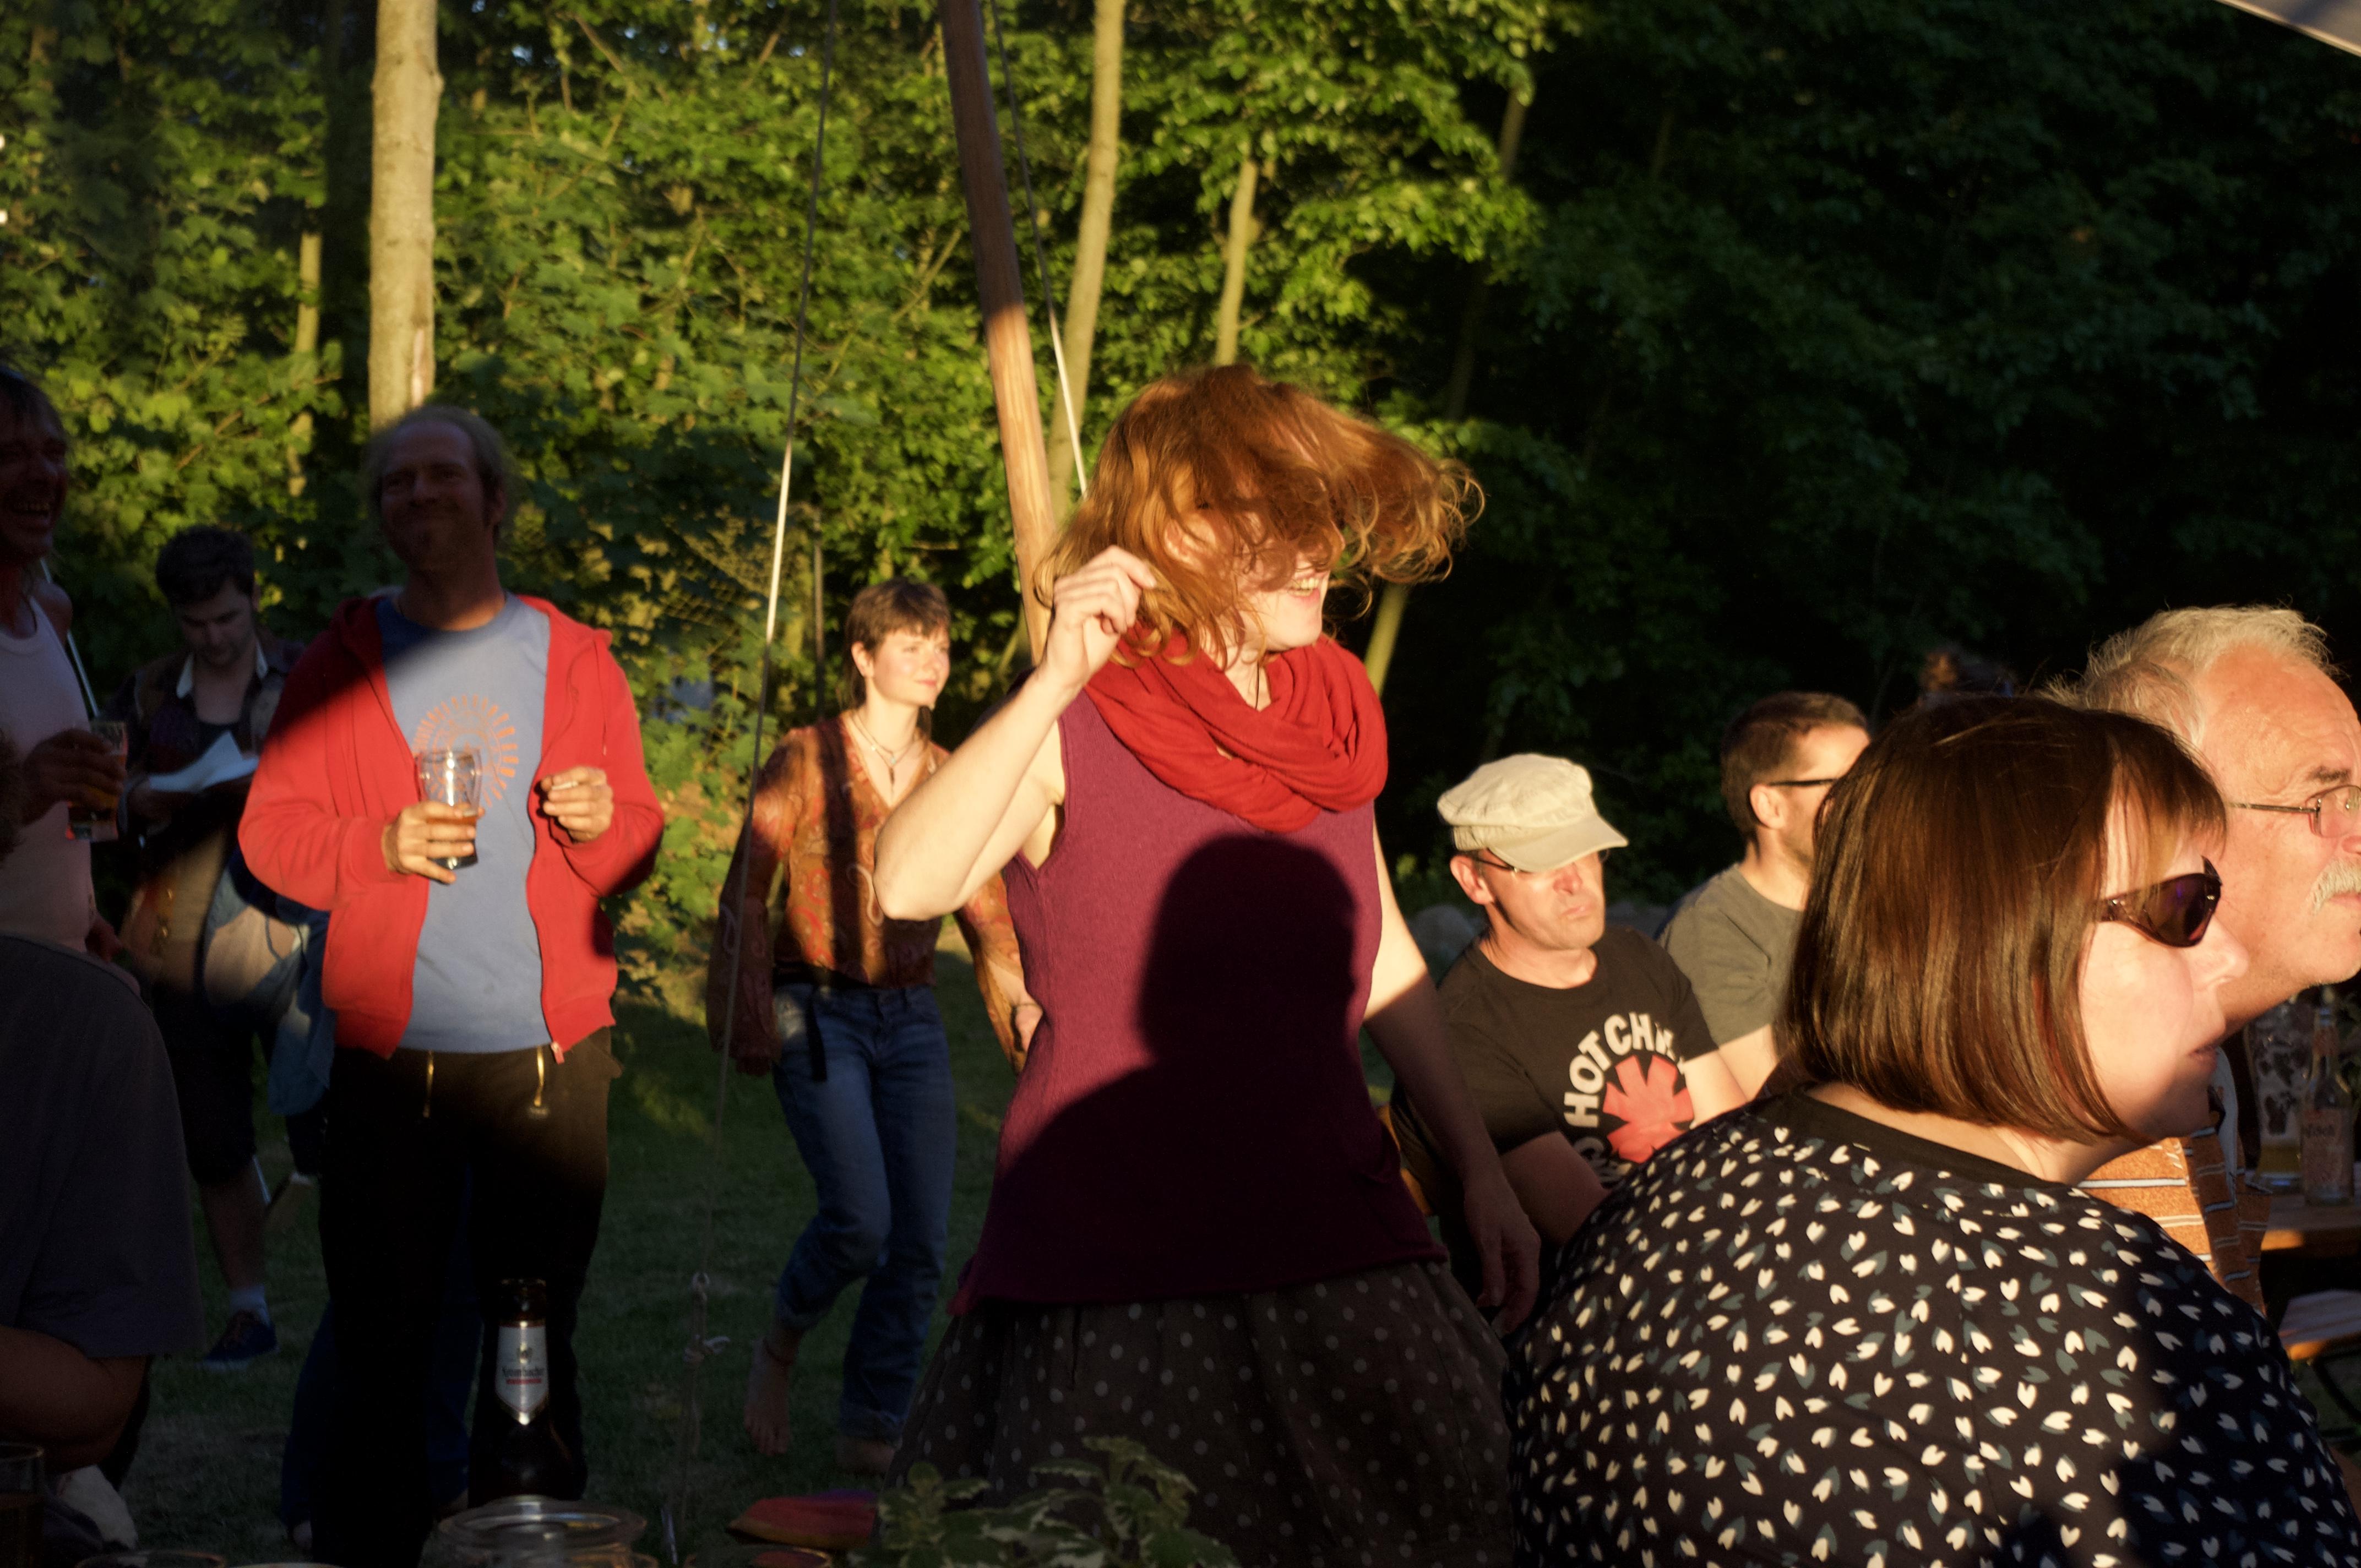 Wendland, Kulturelle Landpartie, Konzert